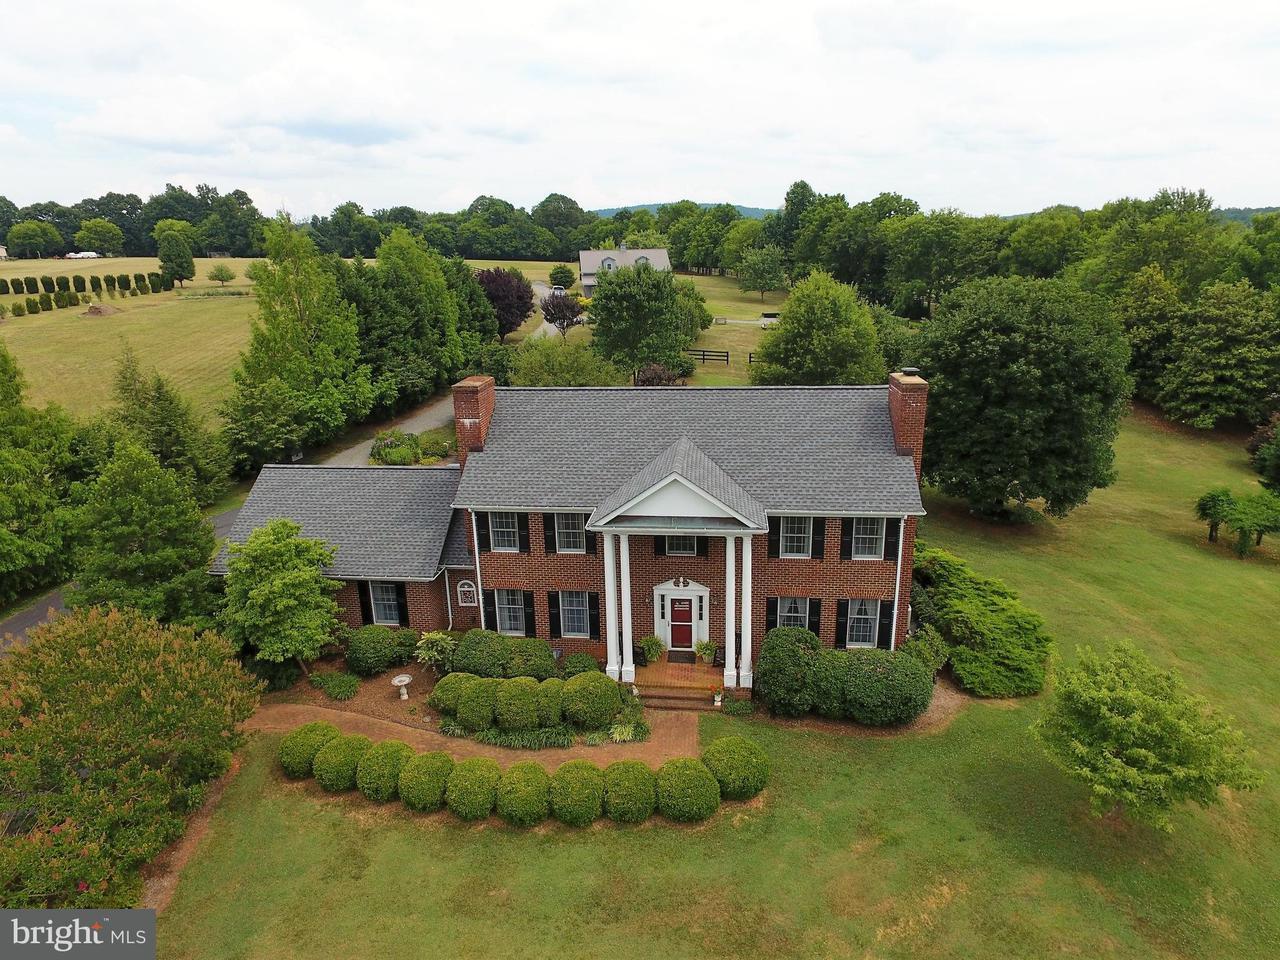 Частный односемейный дом для того Продажа на 10102 JACKSONTOWN Road 10102 JACKSONTOWN Road Somerset, Виргиния 22972 Соединенные Штаты